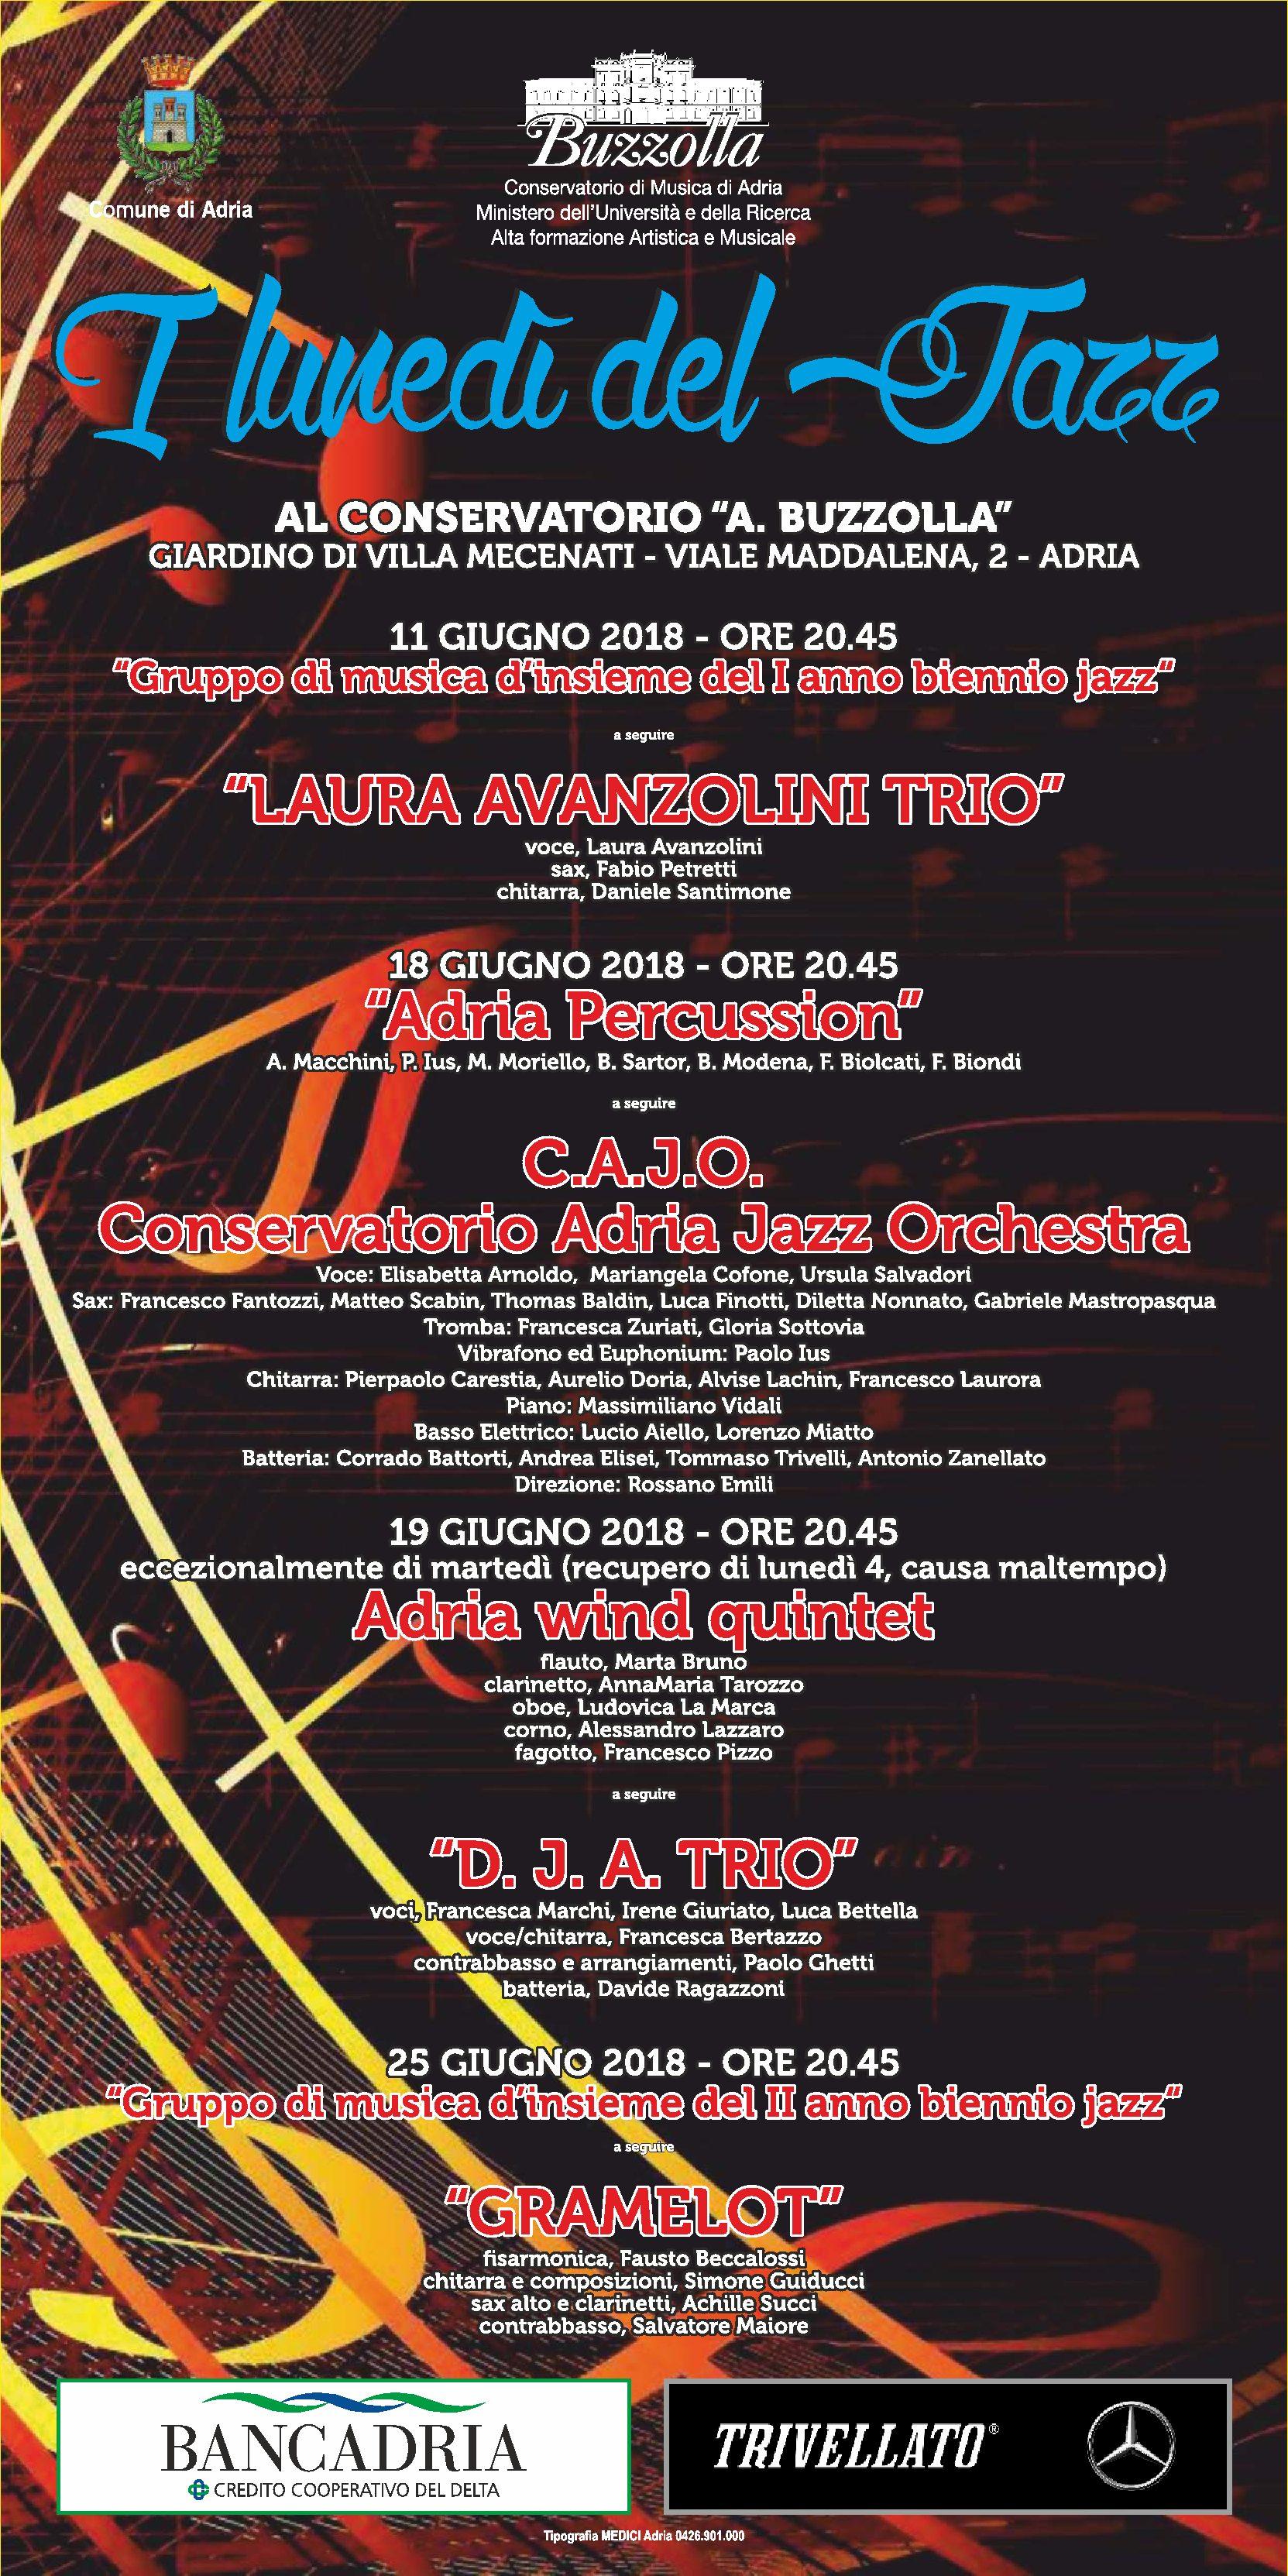 11-18-19-25 giugno 2018 – ore 20.45, I lunedì del Jazz – Giardino di Villa Mecenati – Adria